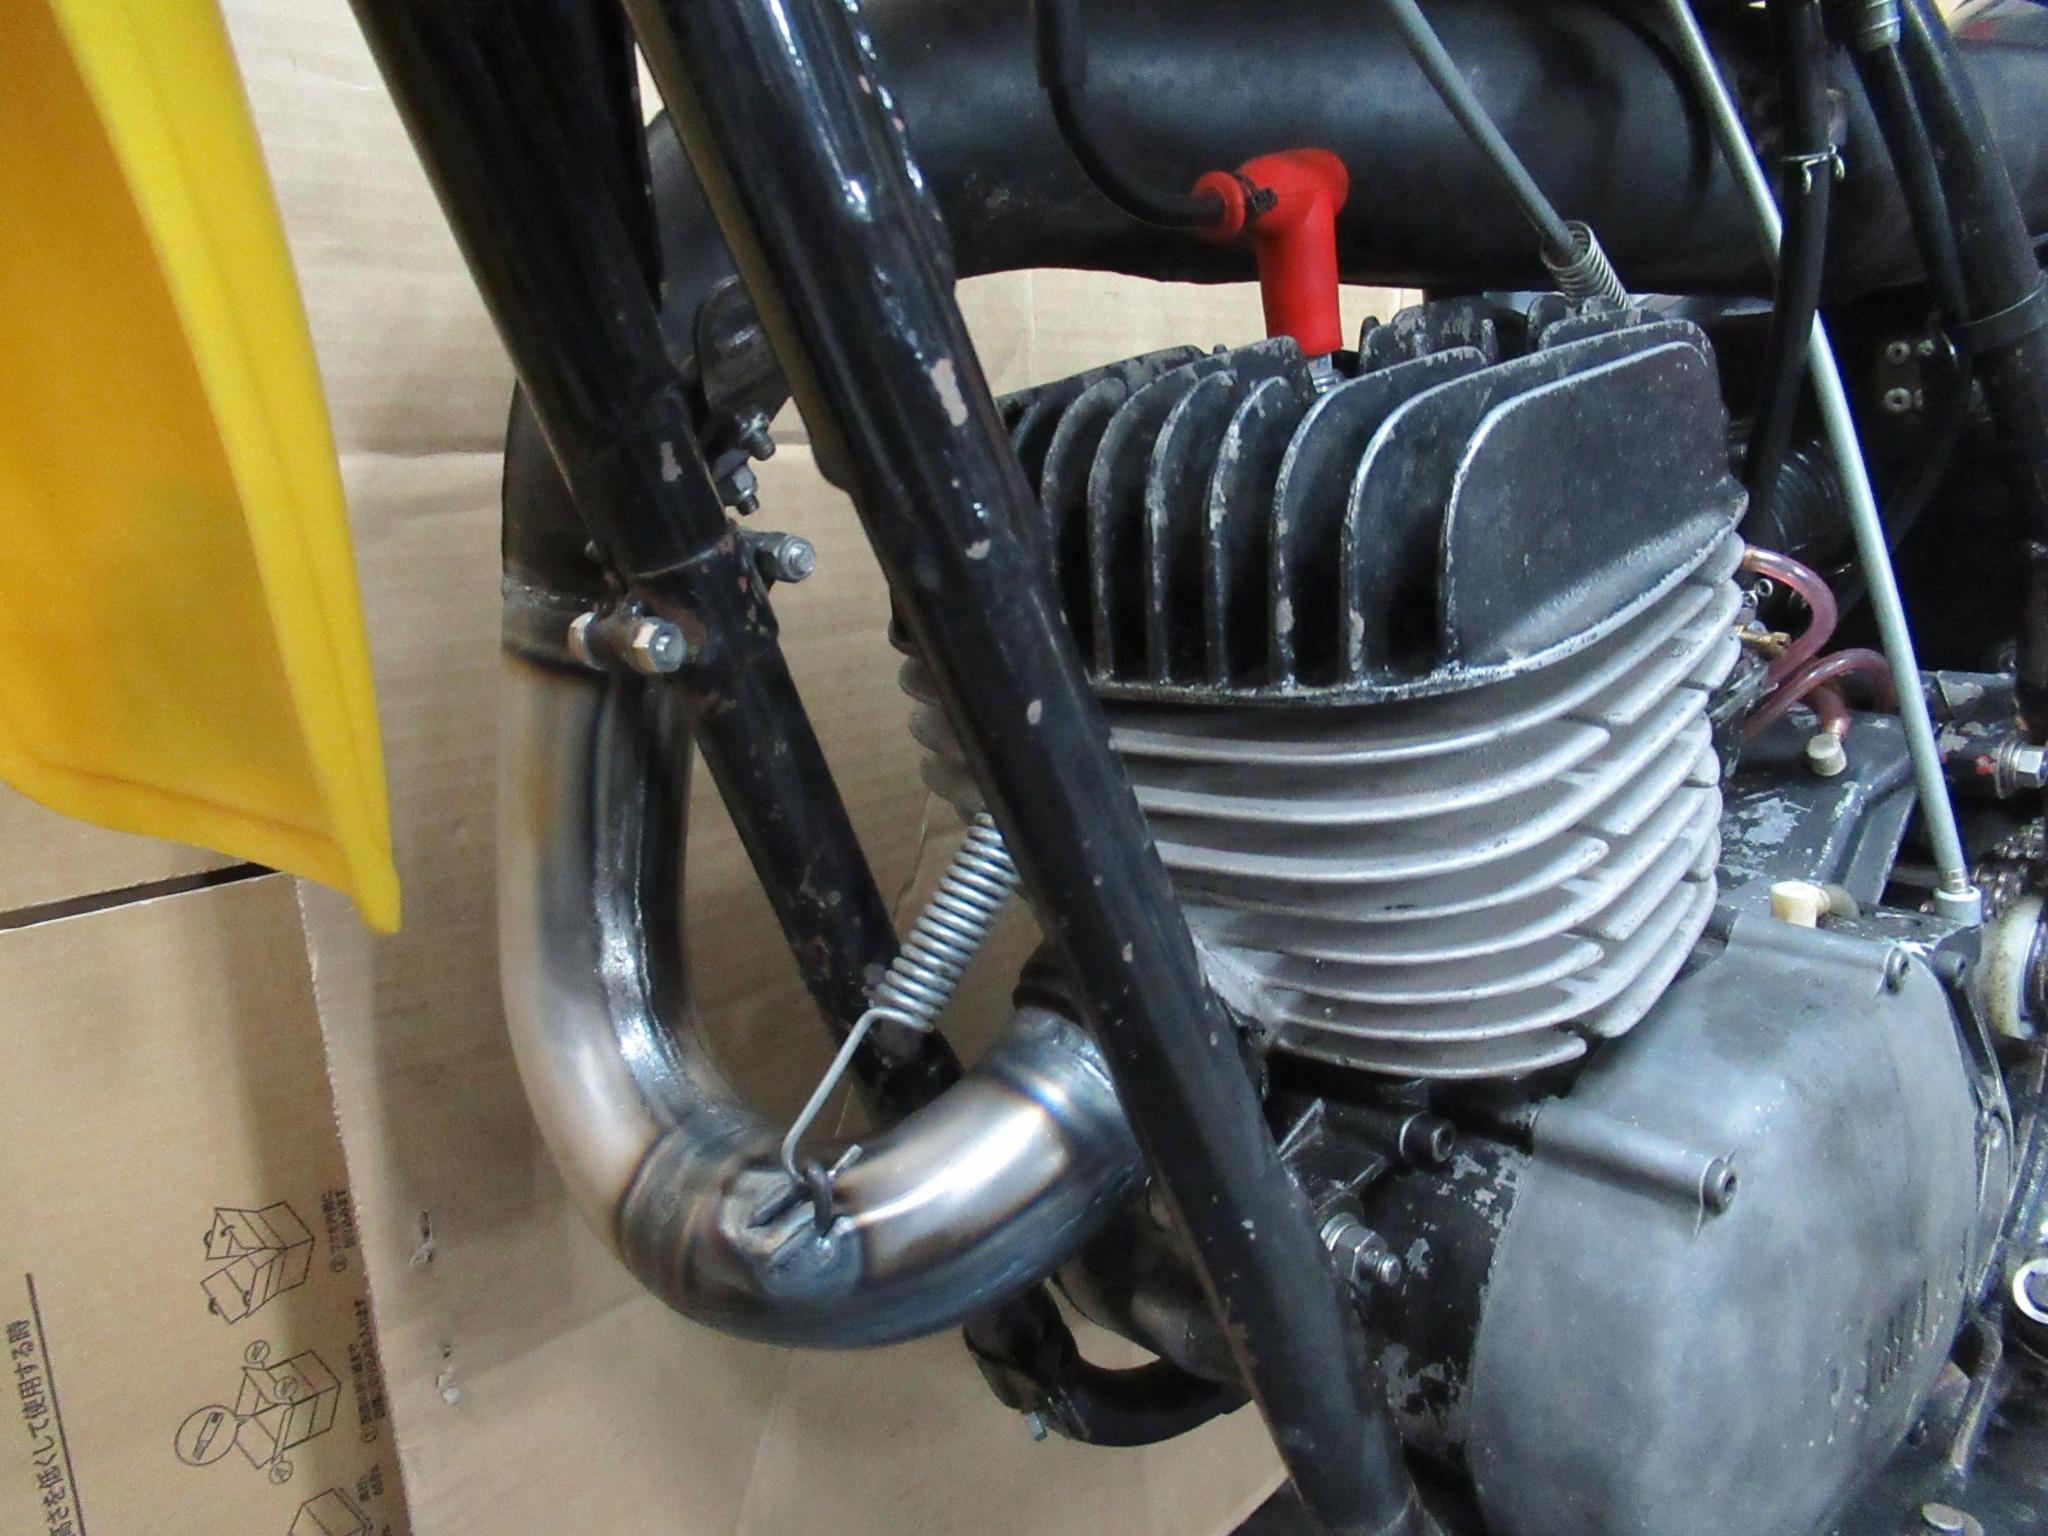 http://www.precious-factory.com/preciousfactory2010/IMG_0475.JPG